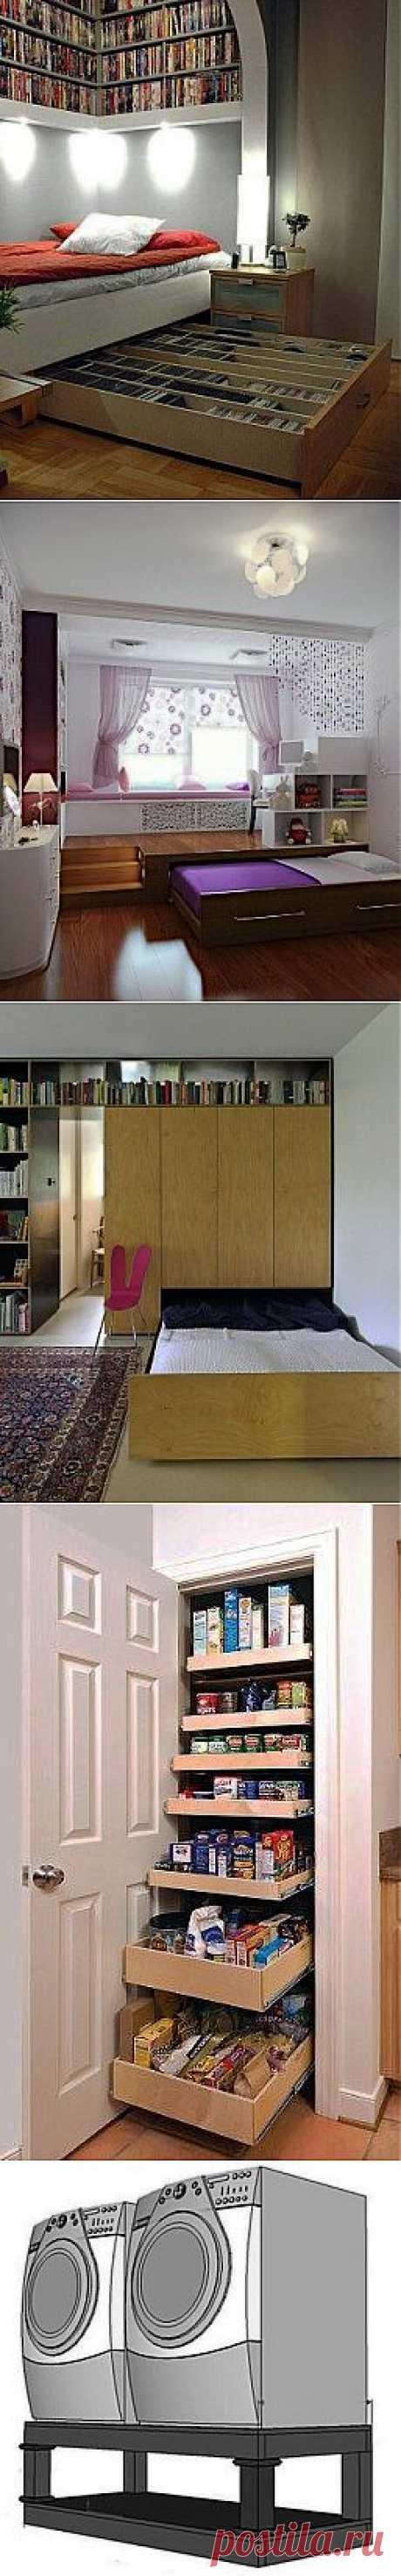 Дополнительные места для хранения вещей в небольшой квартире